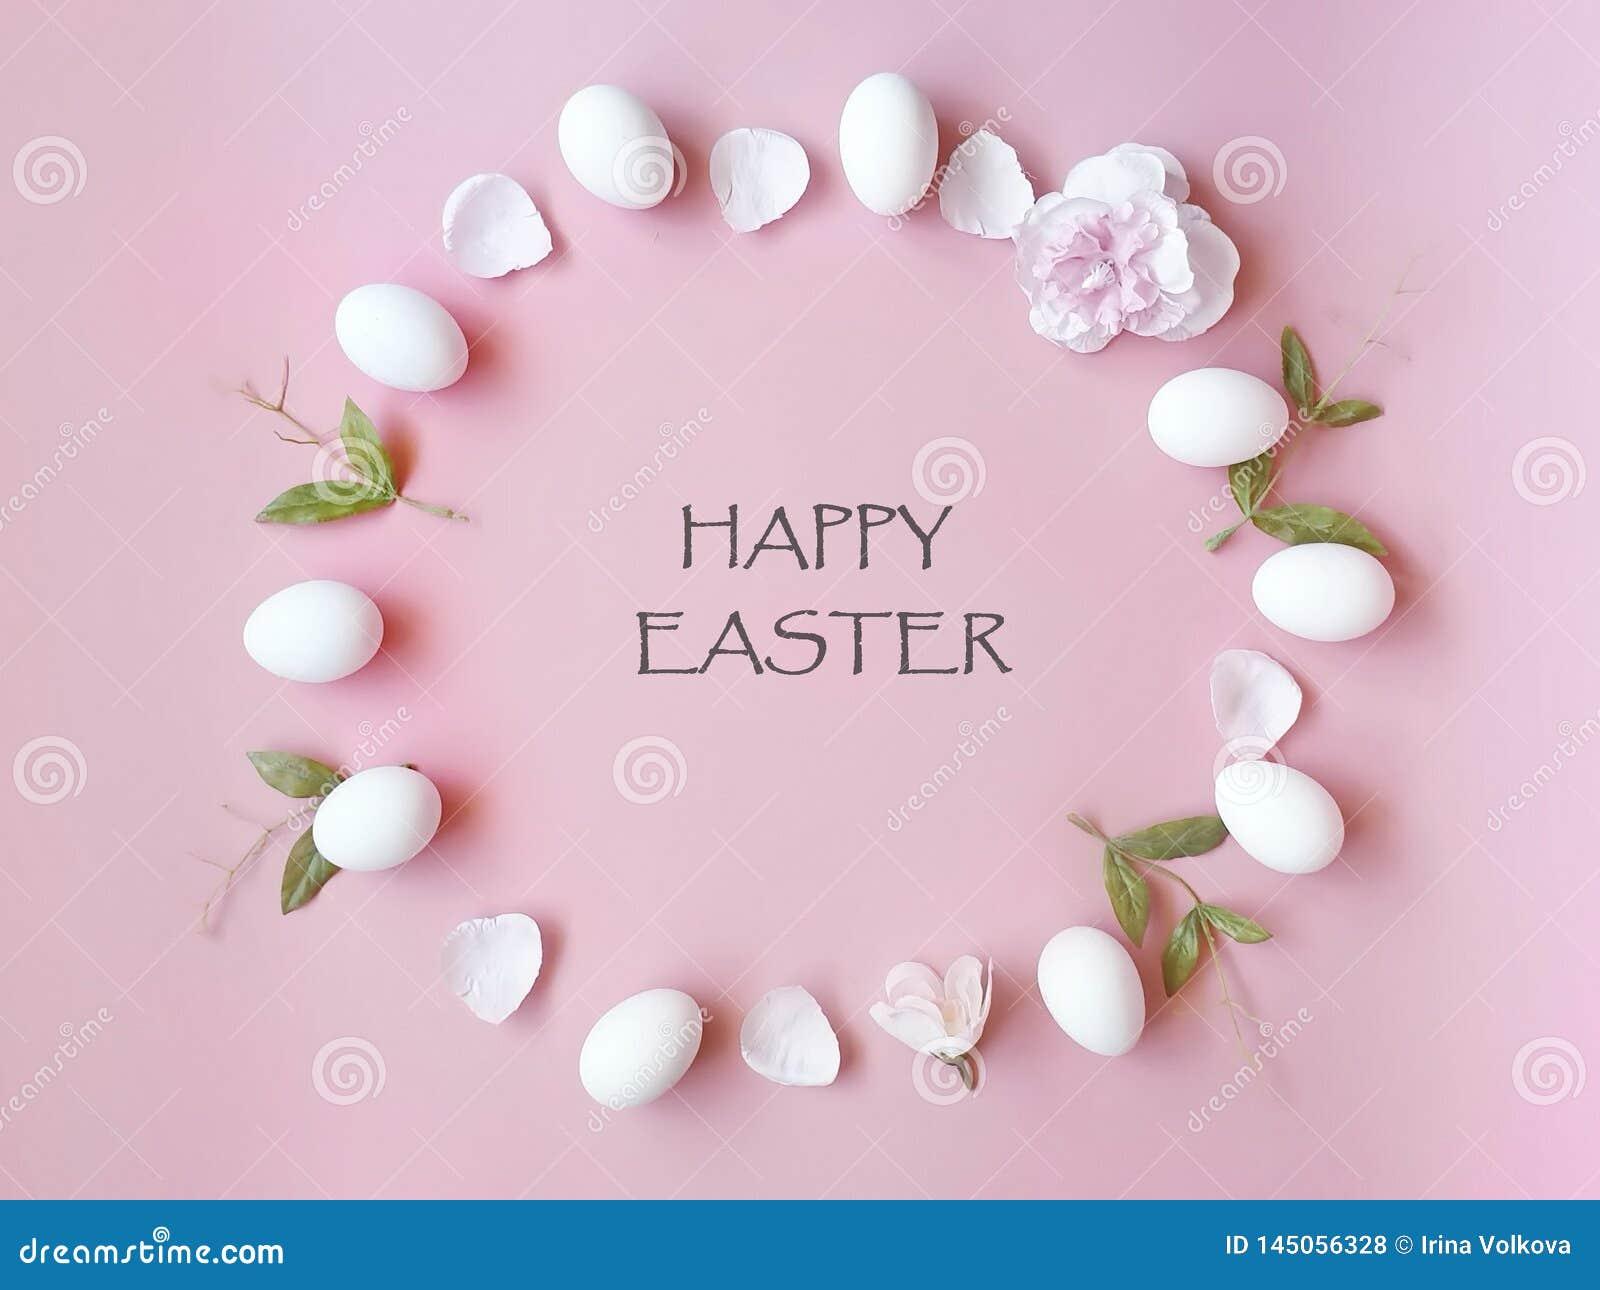 Счастливые пасхальные яйца скачут праздник с лепестком цветков весны